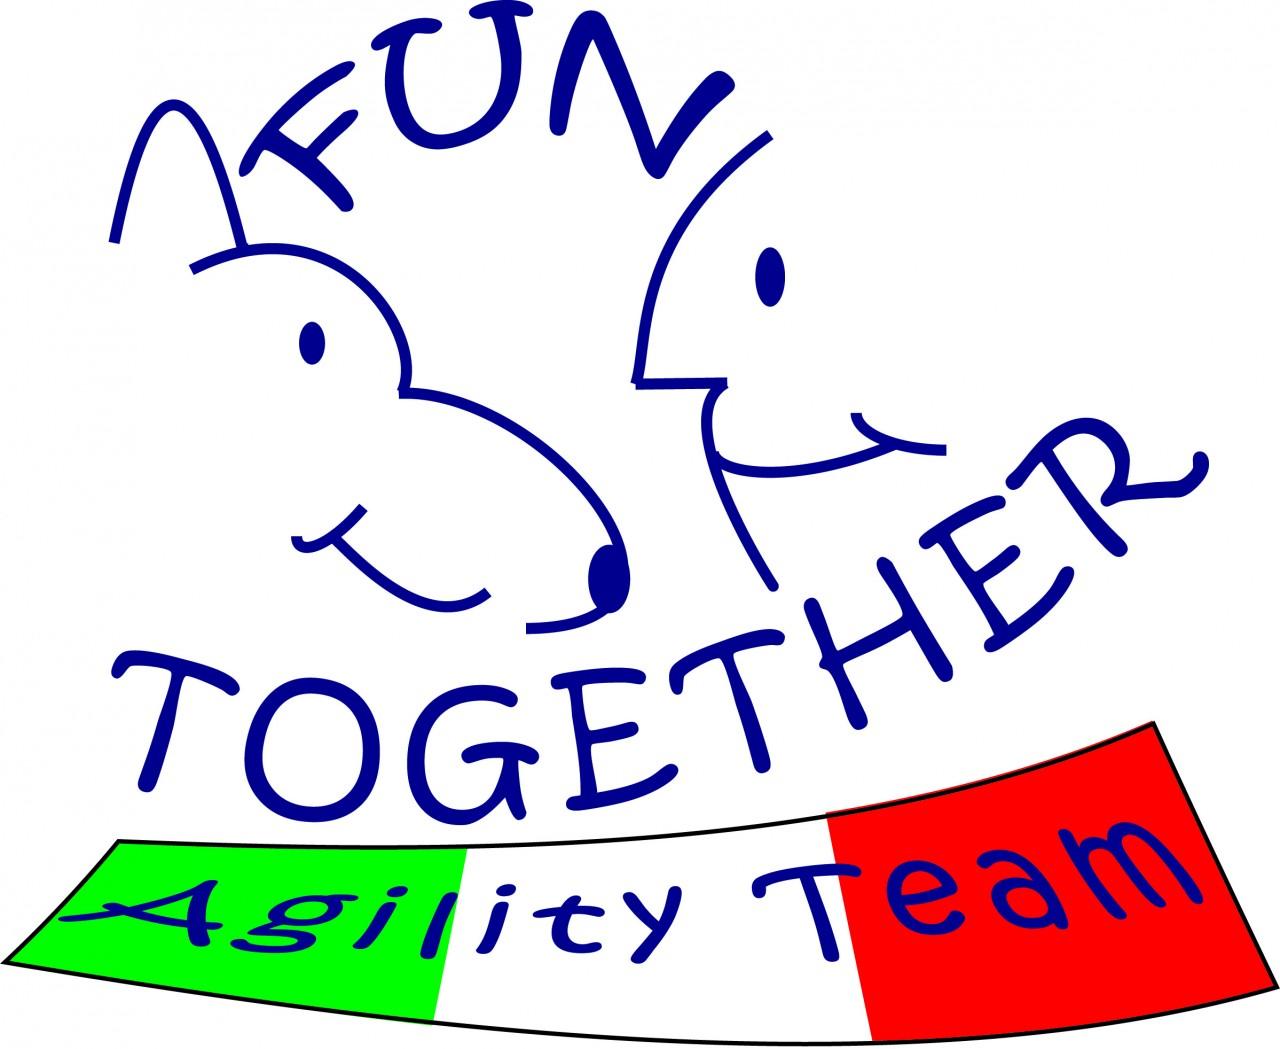 ASD Fun Together Agility Team